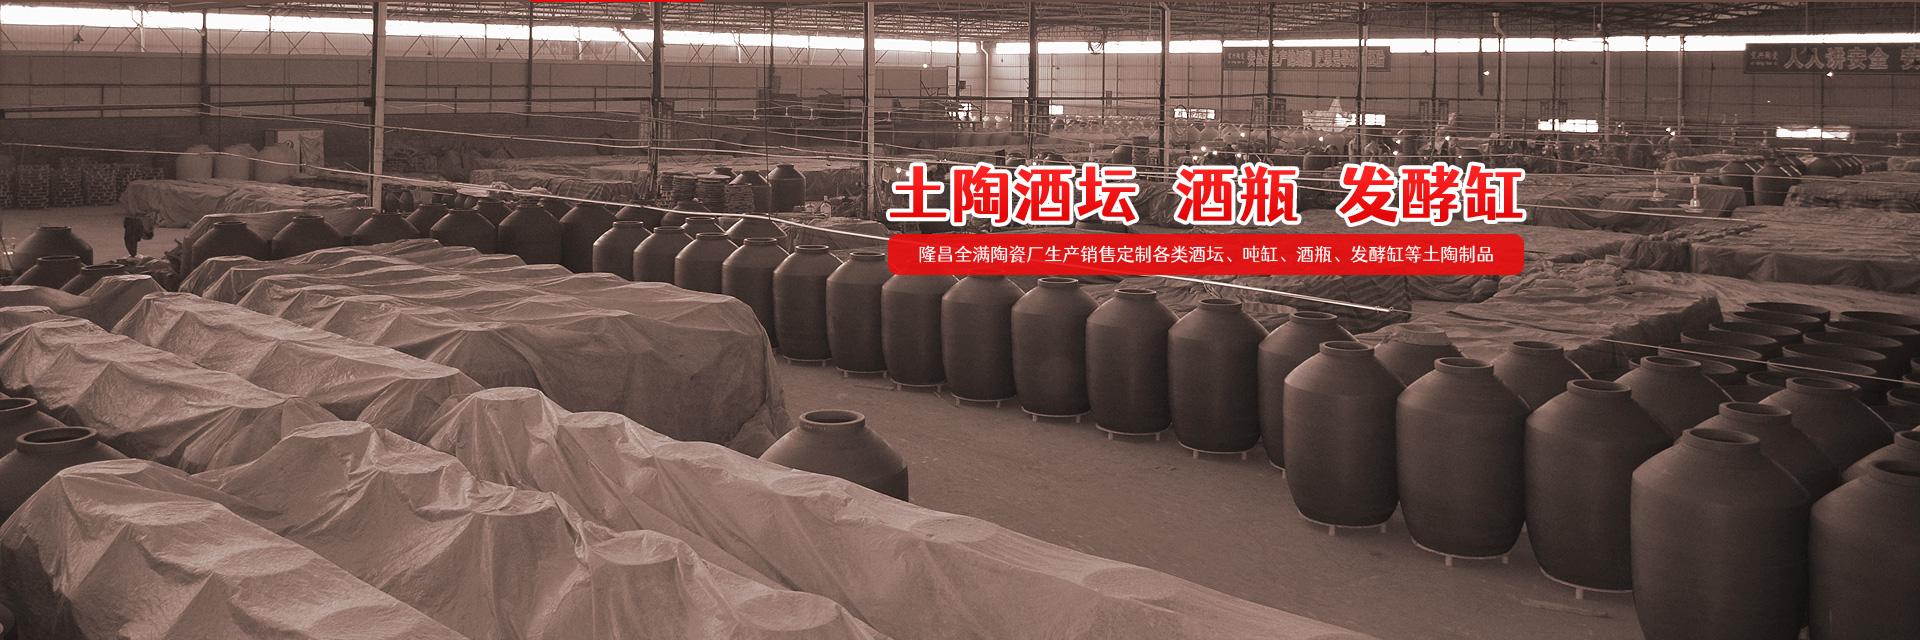 隆昌酒坛厂家,隆昌陶瓷酒坛